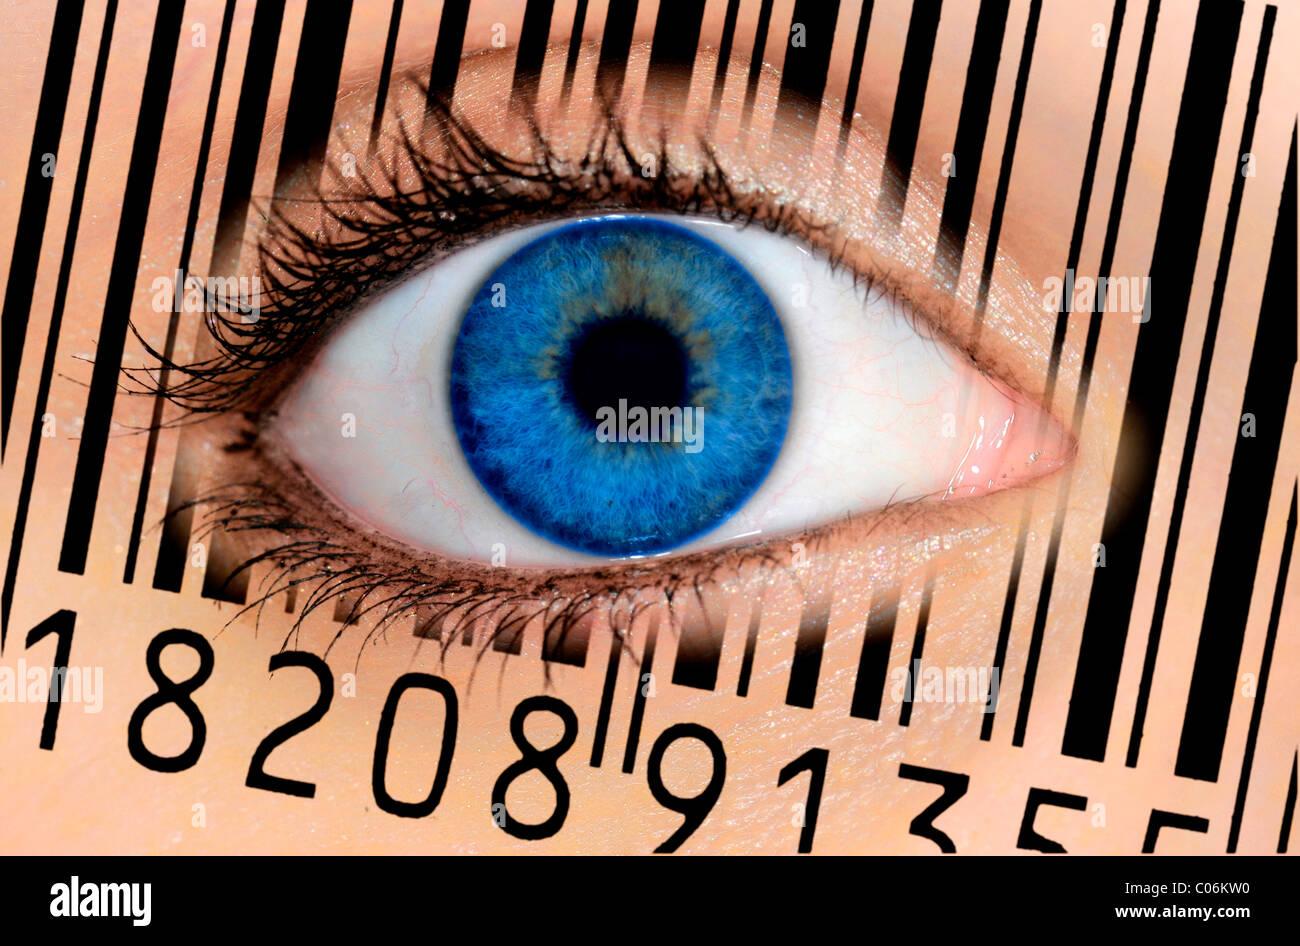 Detail eines Auges mit einer blauen Iris und einen EAN-Barcode, europäische Artikelnummer symbolisches Bild Stockbild